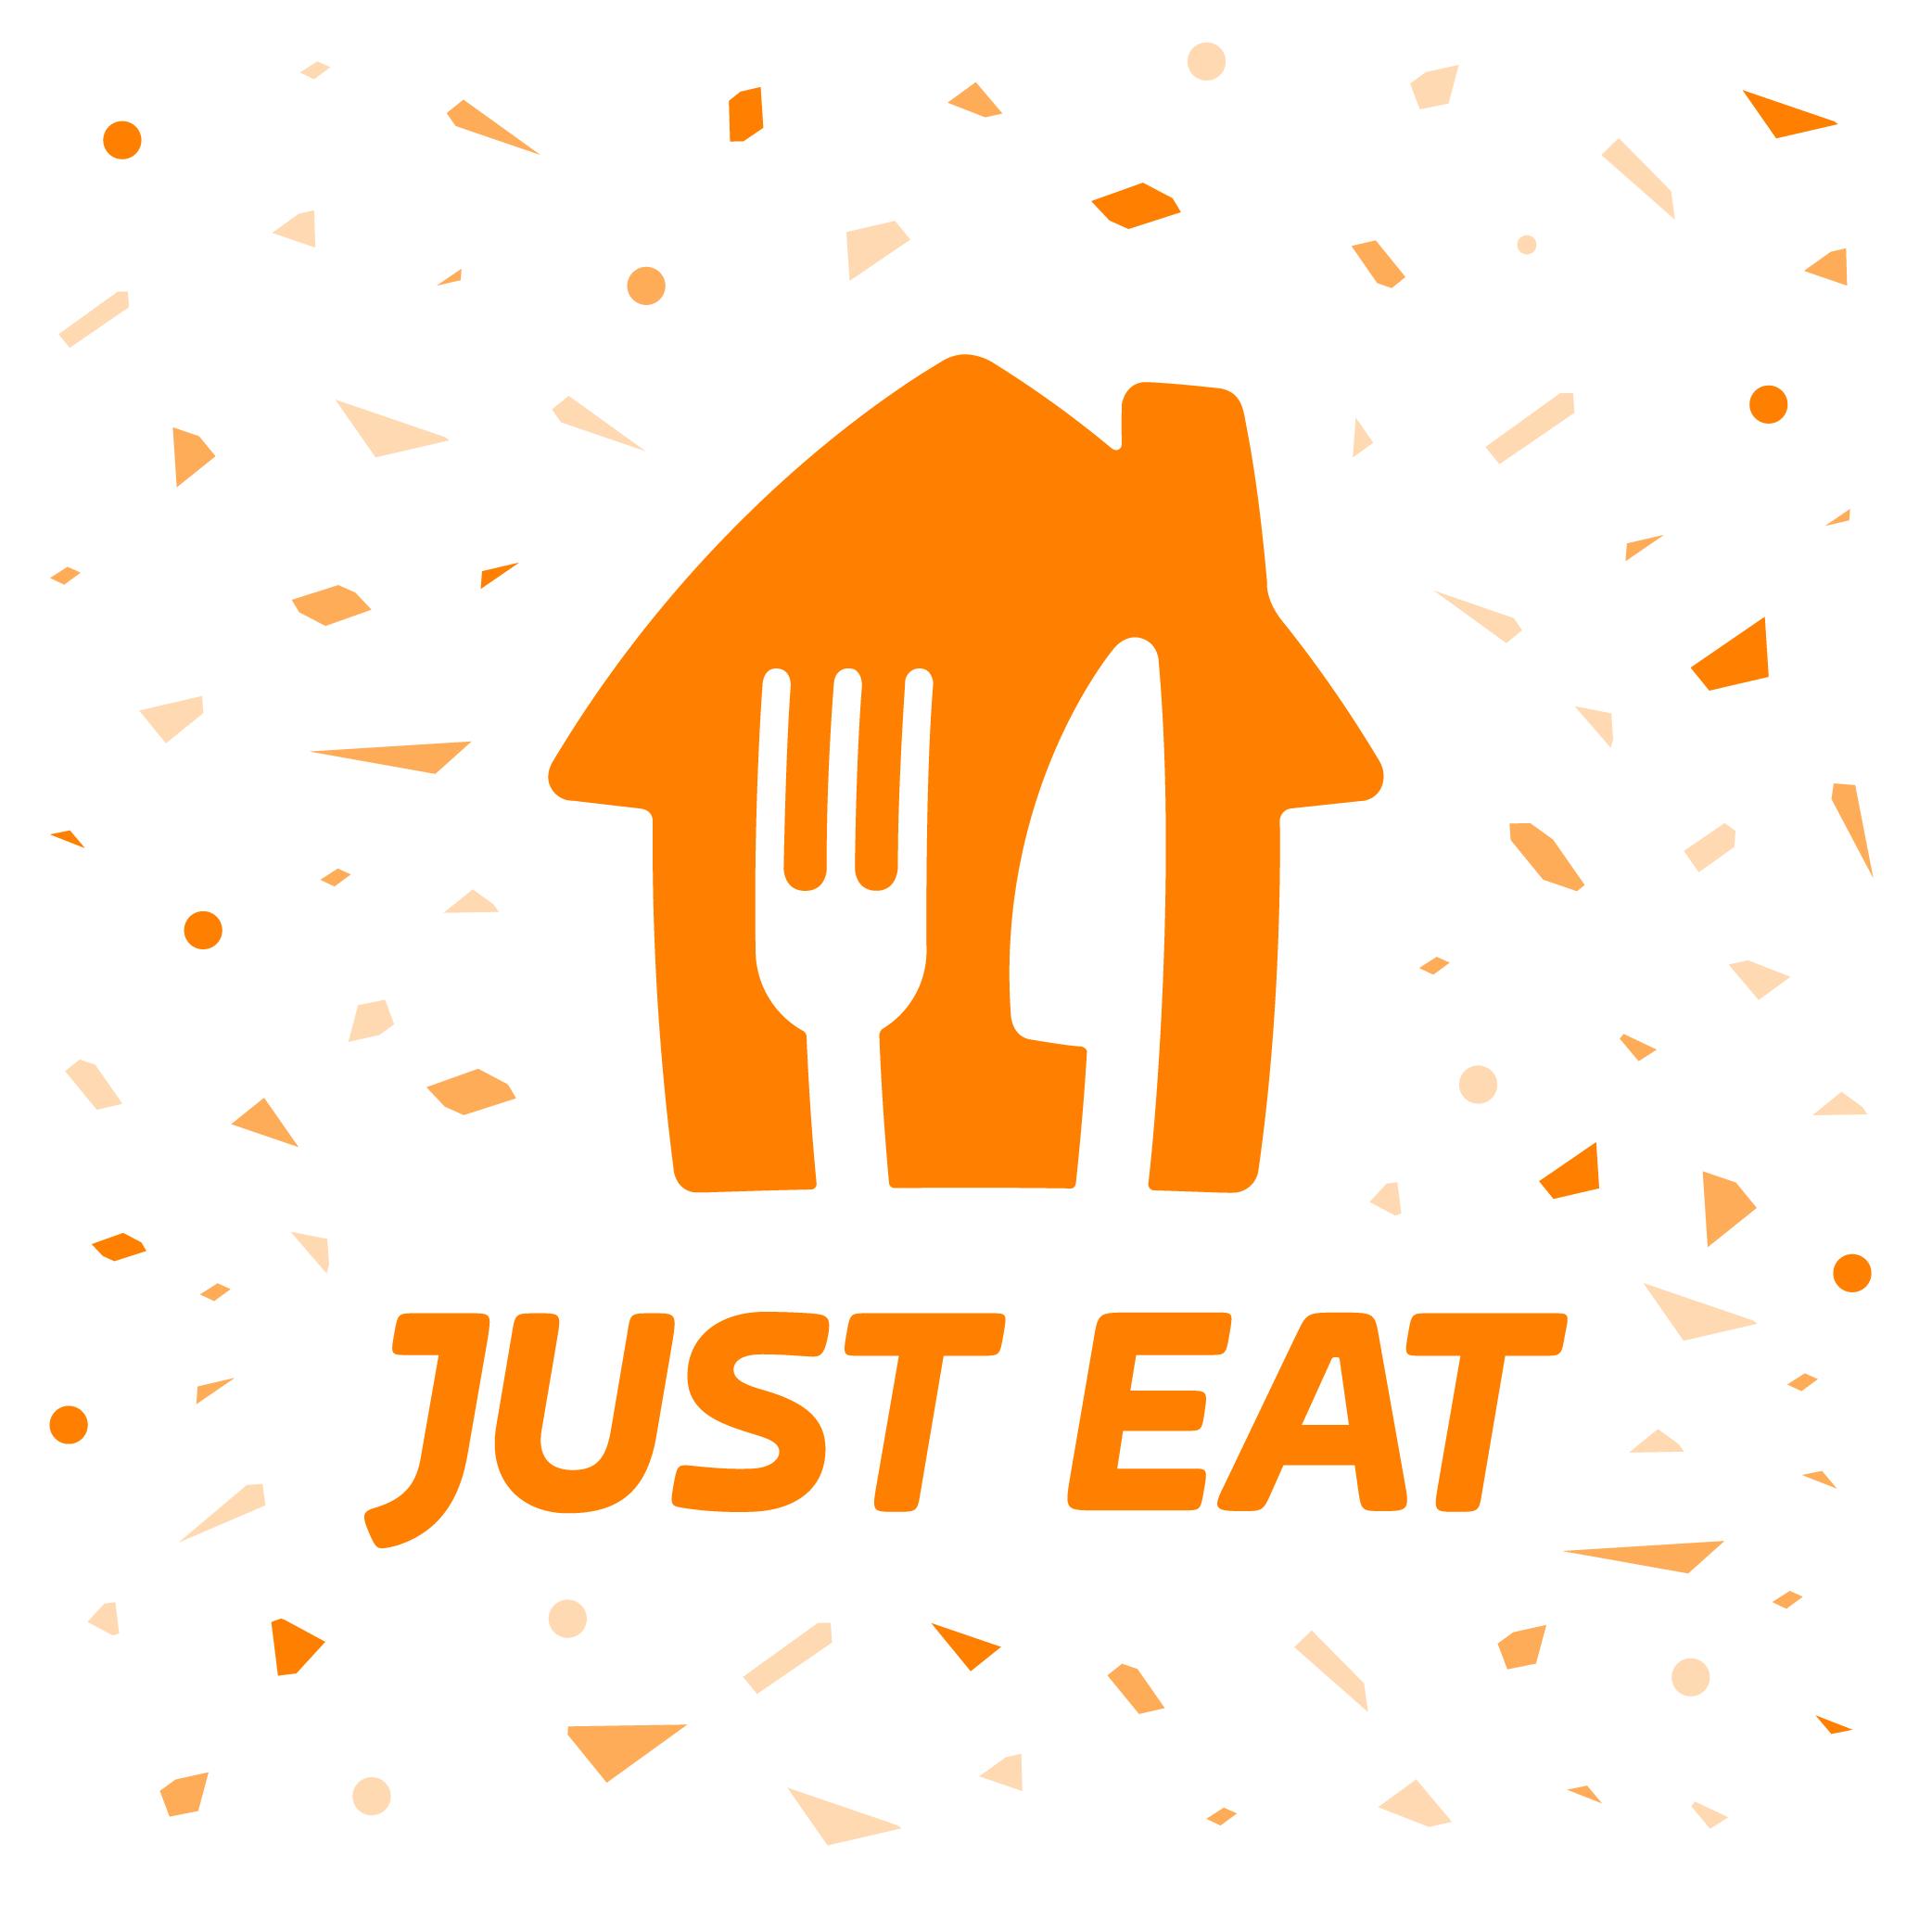 Offre spéciale: 3€ de remise sur Just Eat 🎁